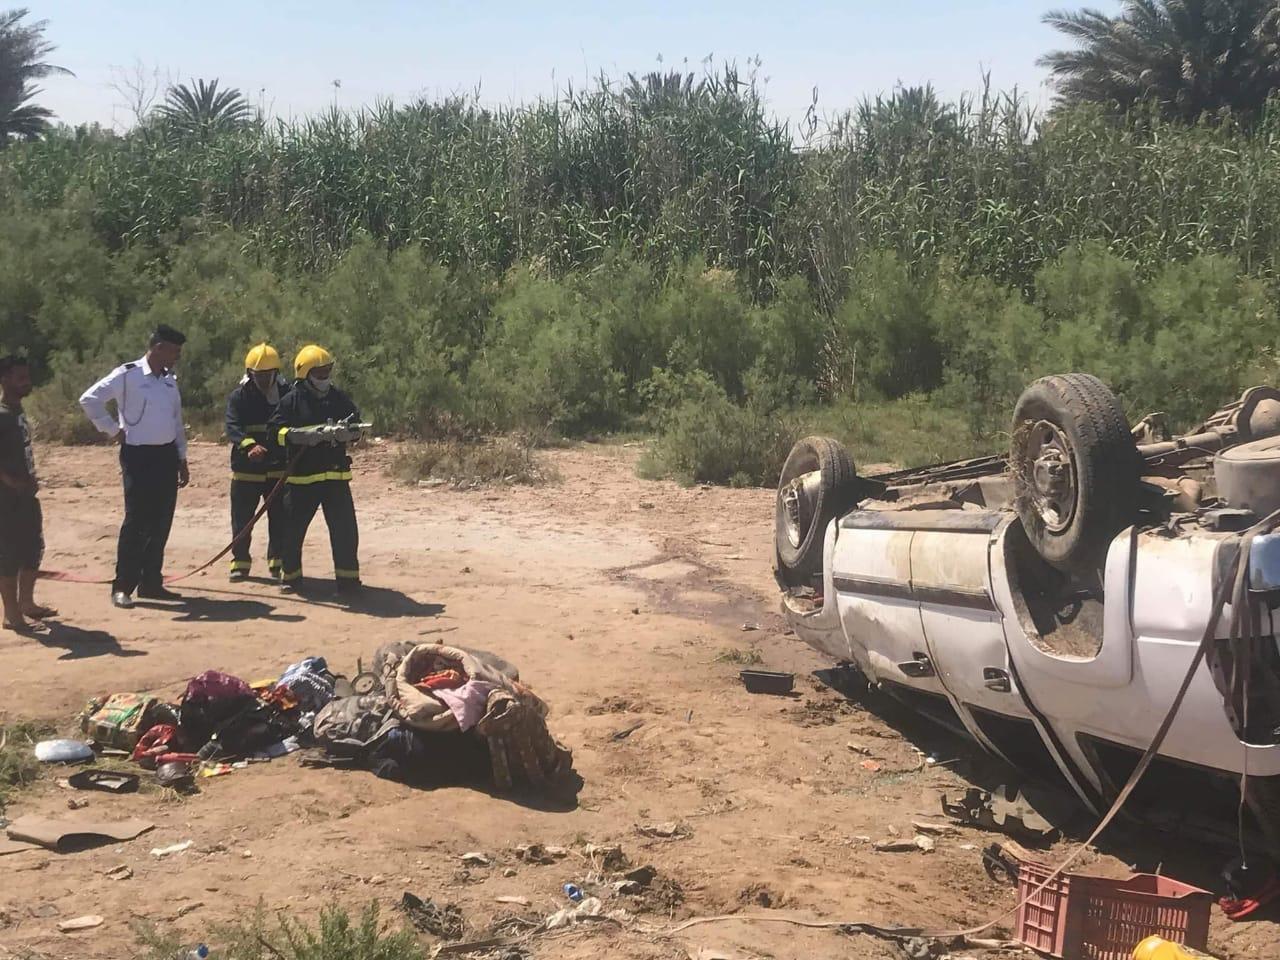 مصرع شخصين واصابة خمسة اخرين بحاث مروع على طريق كوت_بغداد